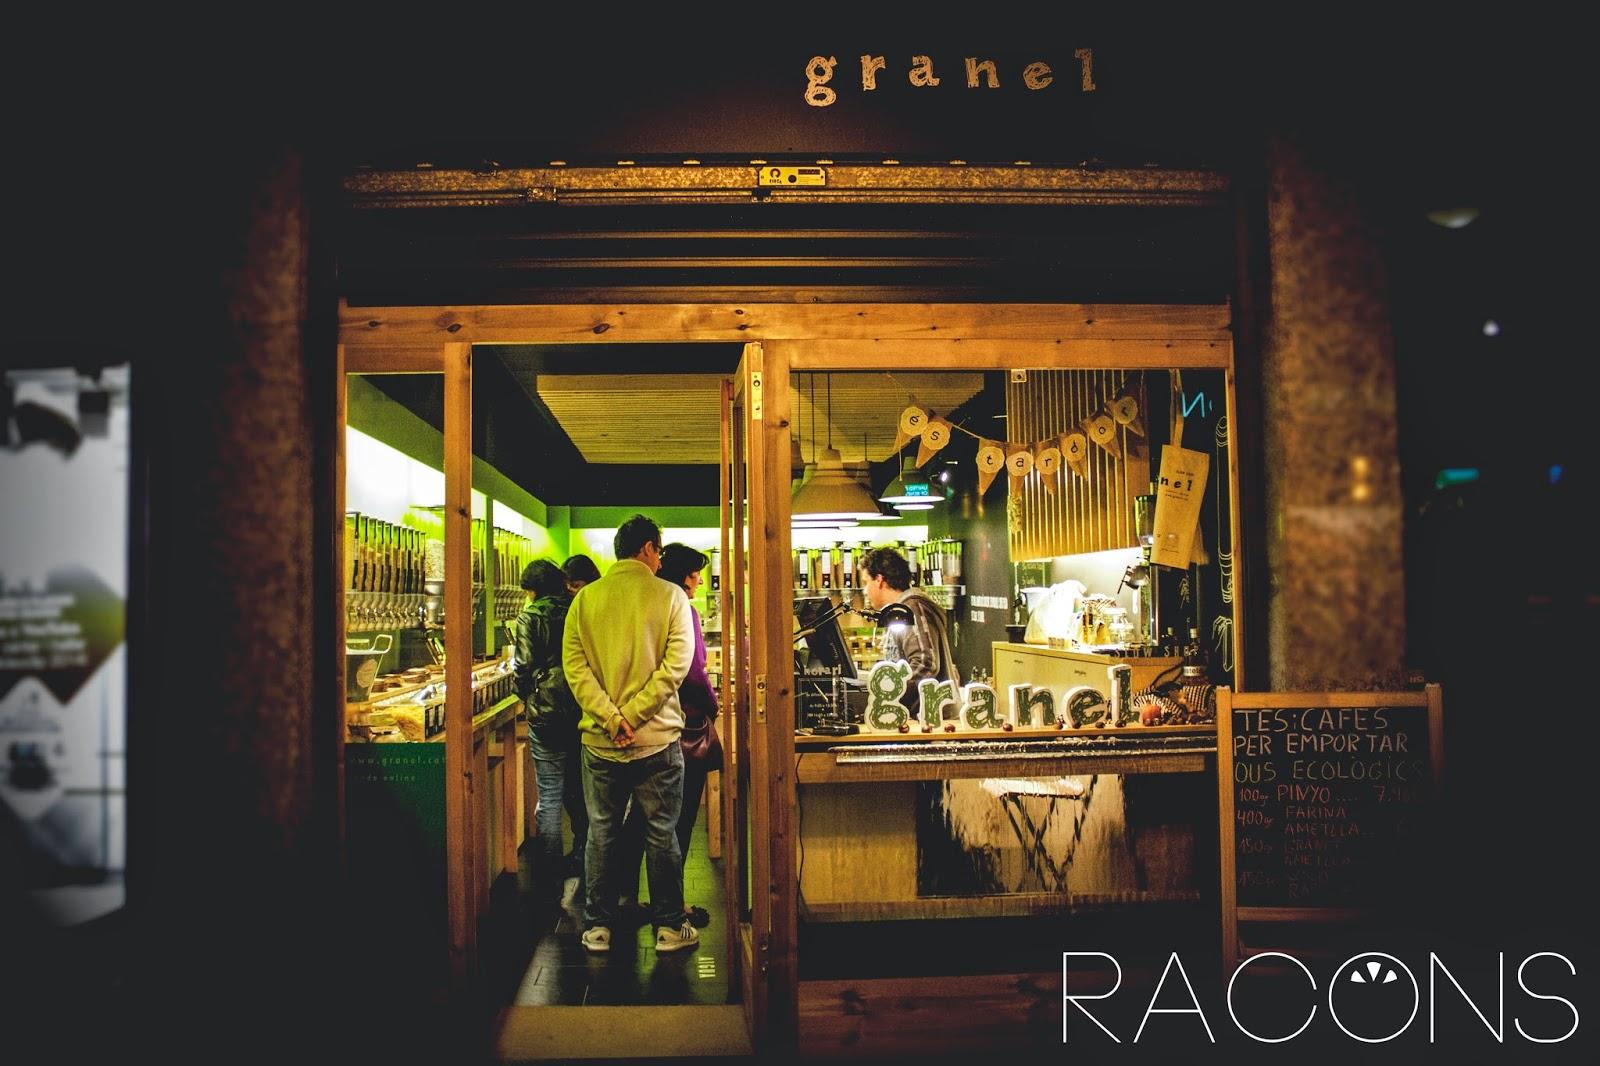 Botiga granel Girona